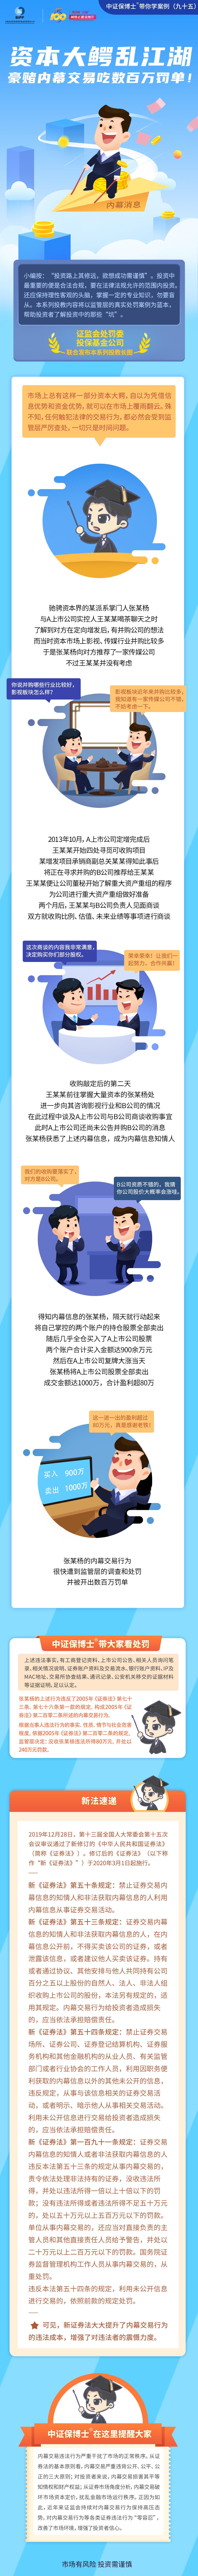 [中证保博士课堂]资本大鳄乱江湖,豪赌内幕交易吃数百万罚单!